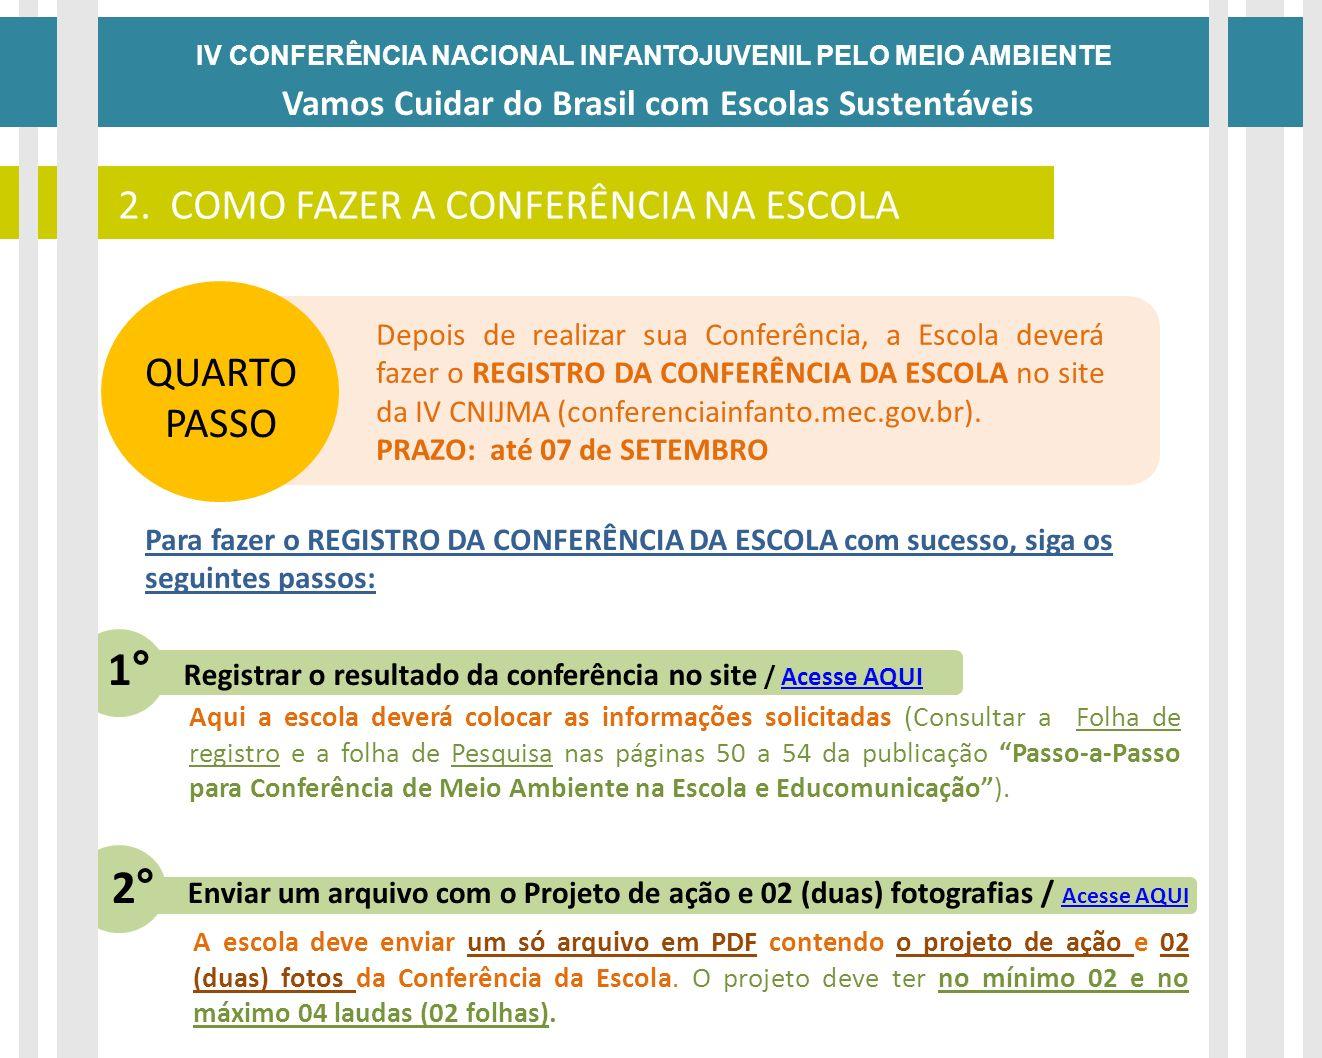 1° Registrar o resultado da conferência no site / Acesse AQUI